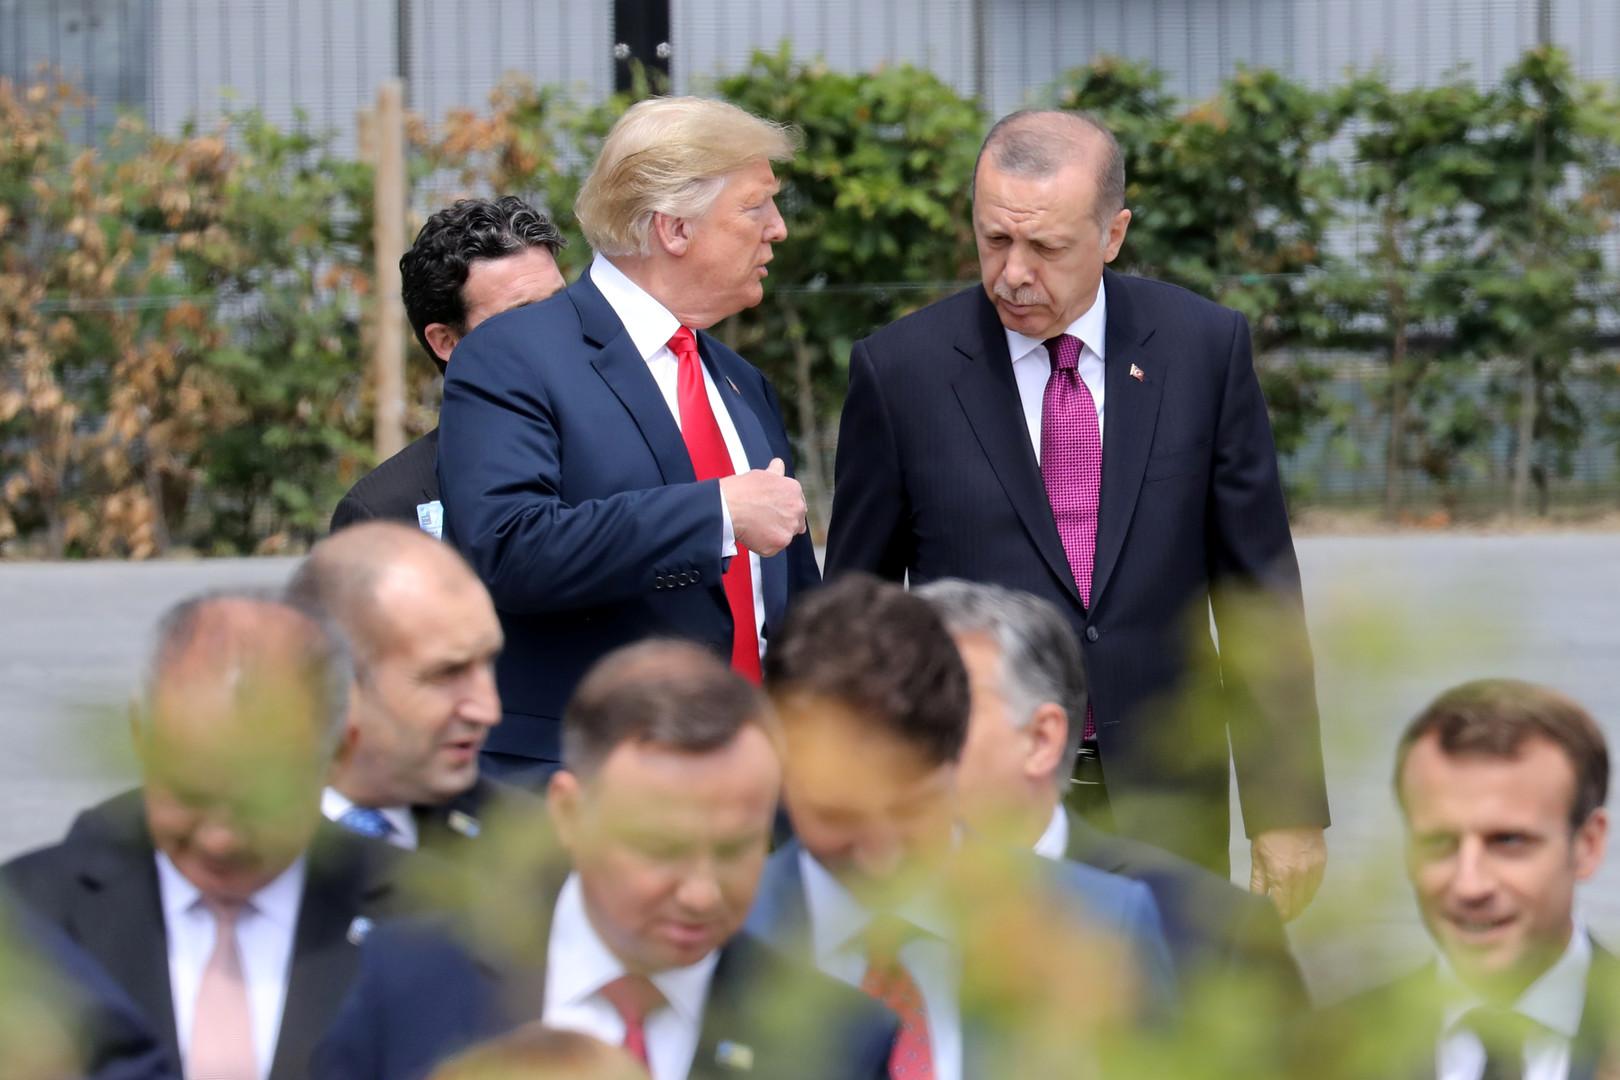 الولايات المتحدة تهدد تركيا بتبعات  حقيقية وسلبية للغاية  في حال شرائها  إس-400  -